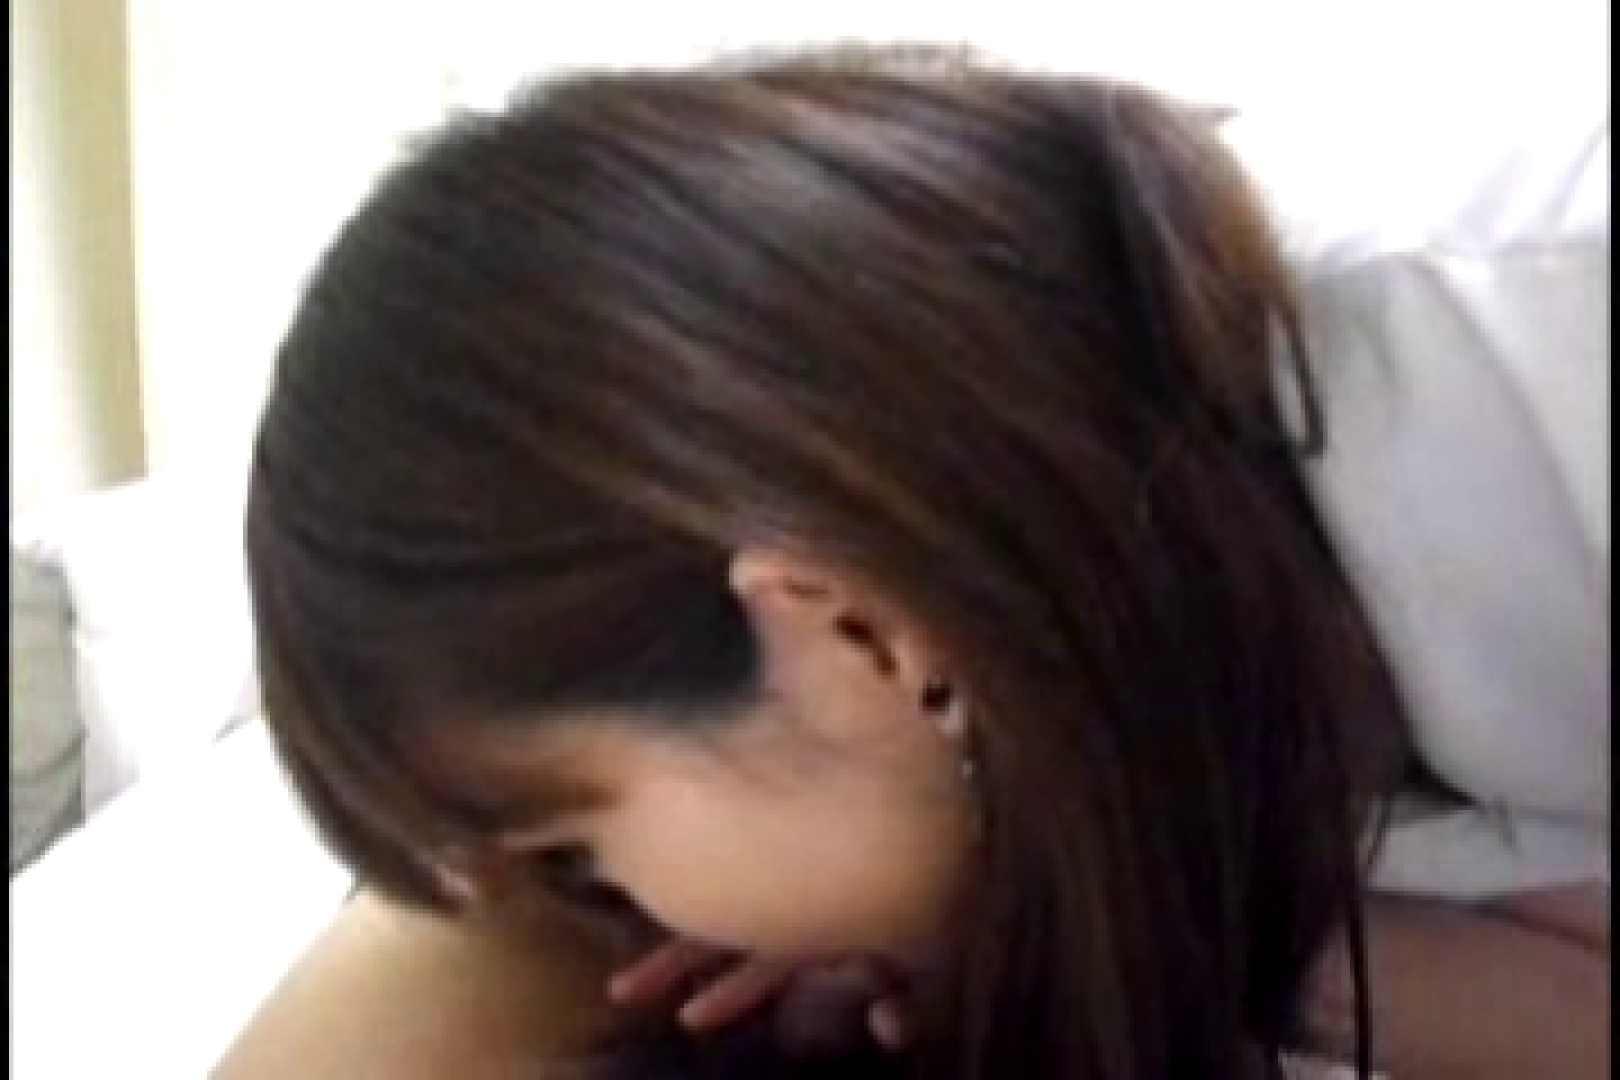 ヤリマンと呼ばれた看護士さんvol1 シックスナイン | フェラ  99枚 70